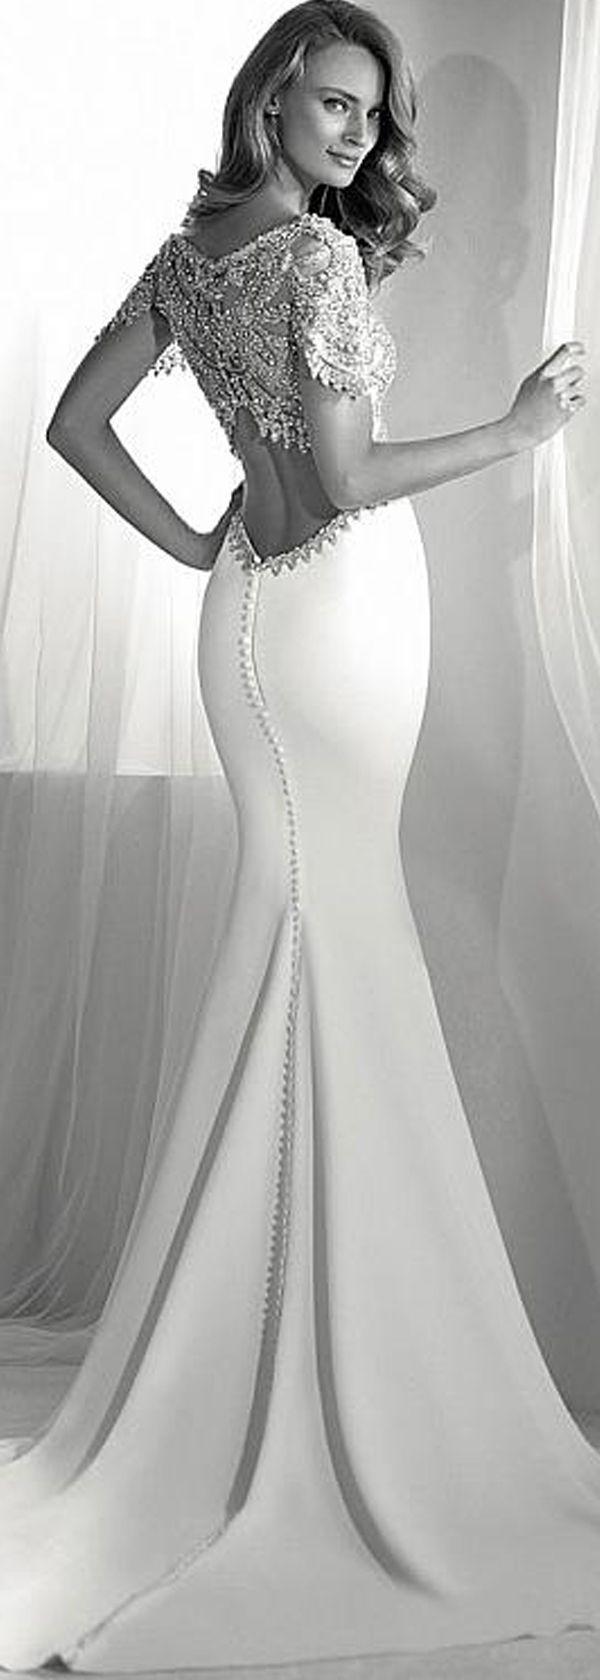 Mermaid wedding dresses marvelous tulle u acetate satin jewel